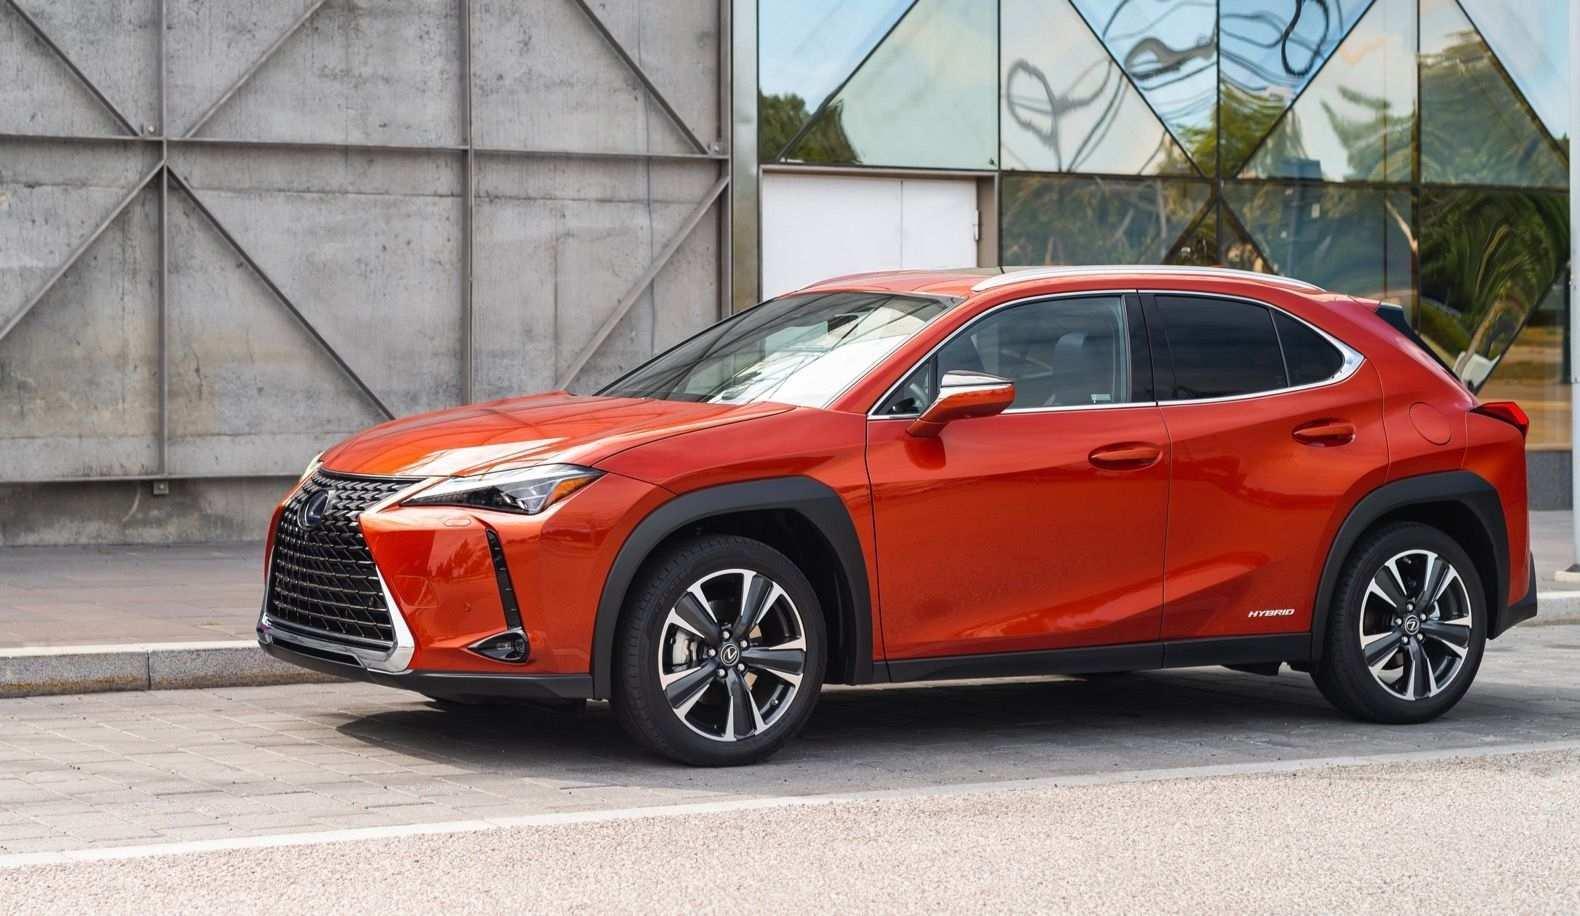 94 Concept of Lexus 2020 Ux Concept with Lexus 2020 Ux